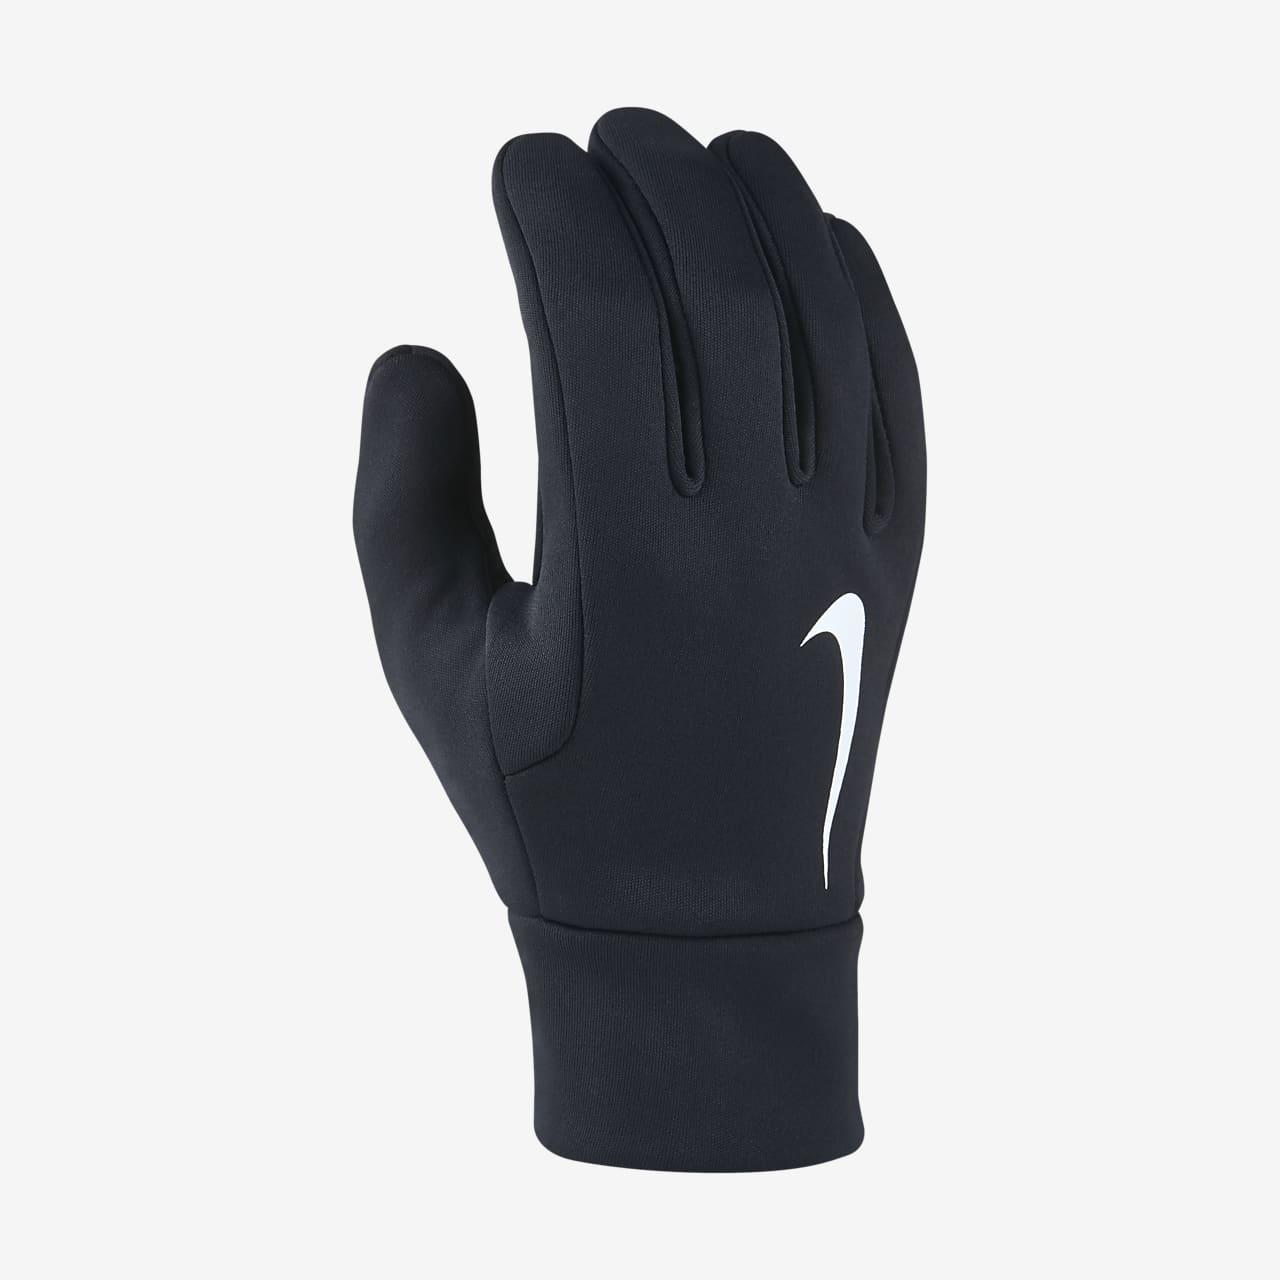 Dětské fotbalové rukavice Nike HyperWarm Field Player